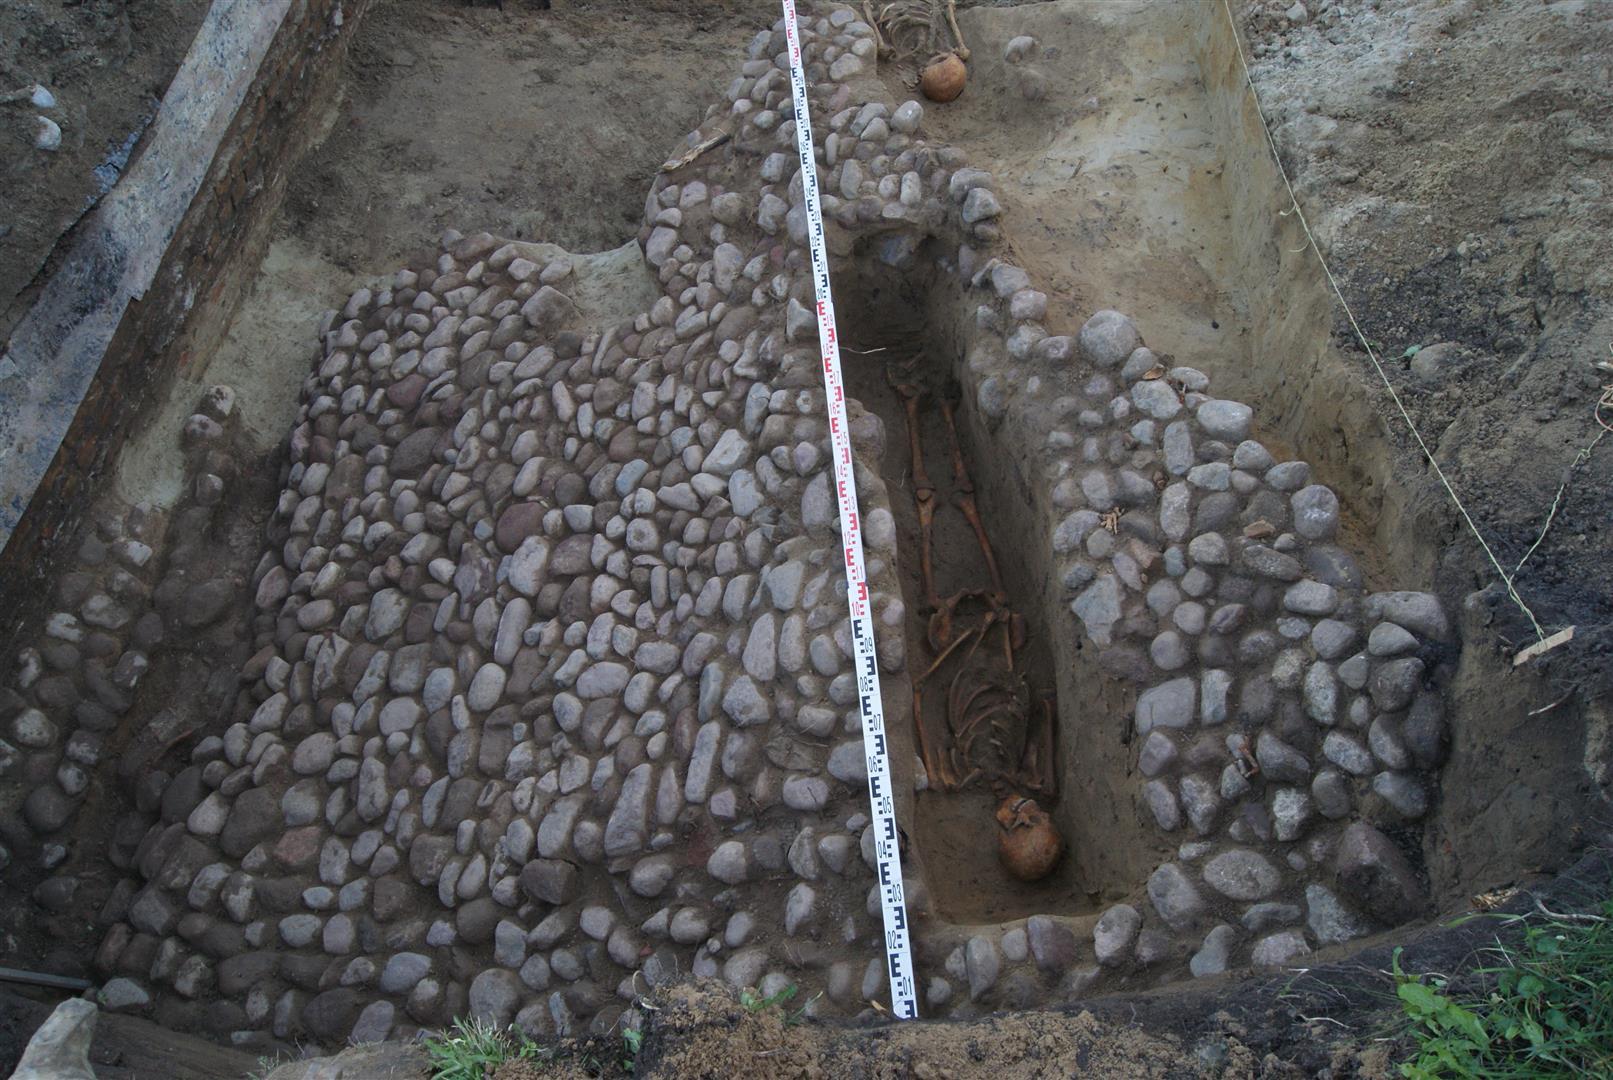 XVI a. grindinys ir XVII a. žmogaus kapas   VšĮ Archeologijos centro nuotr.